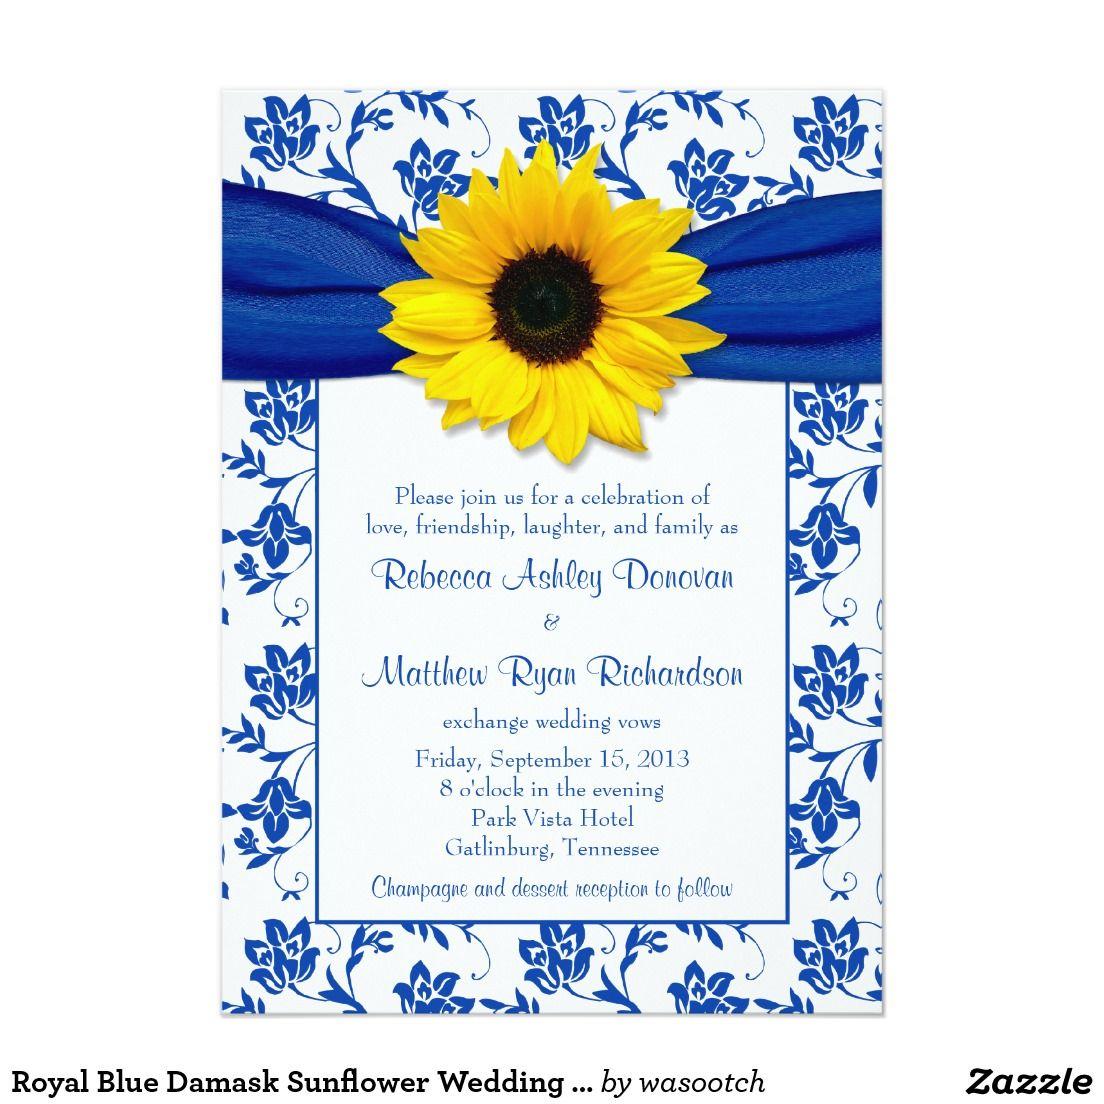 Royal Blue Damask Sunflower Wedding Invitation Zazzle.co